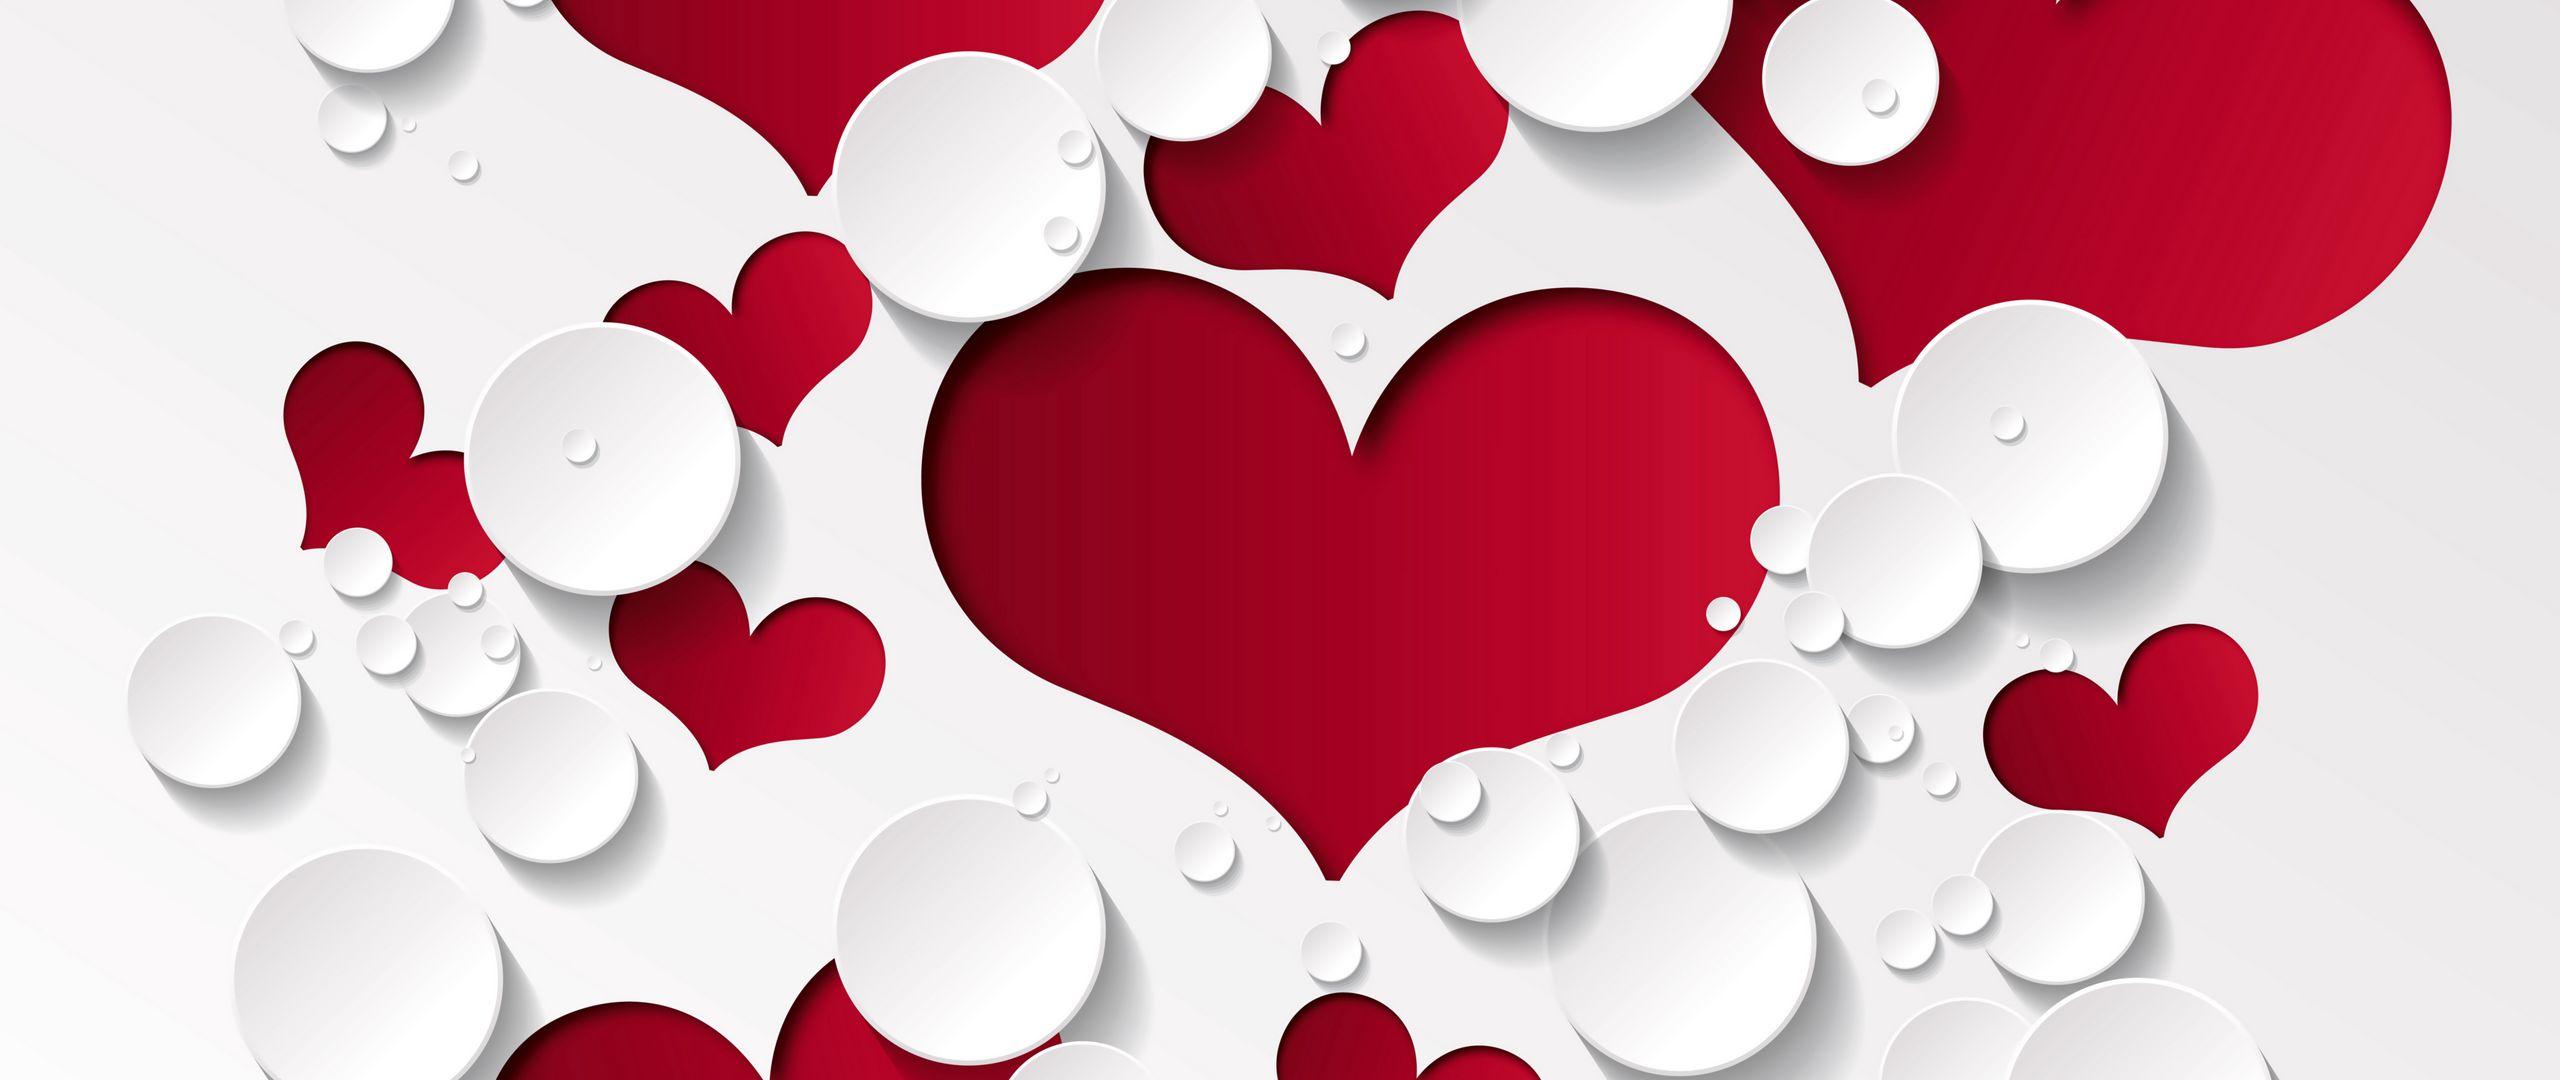 2560x1080 Wallpaper heart, shape, pattern